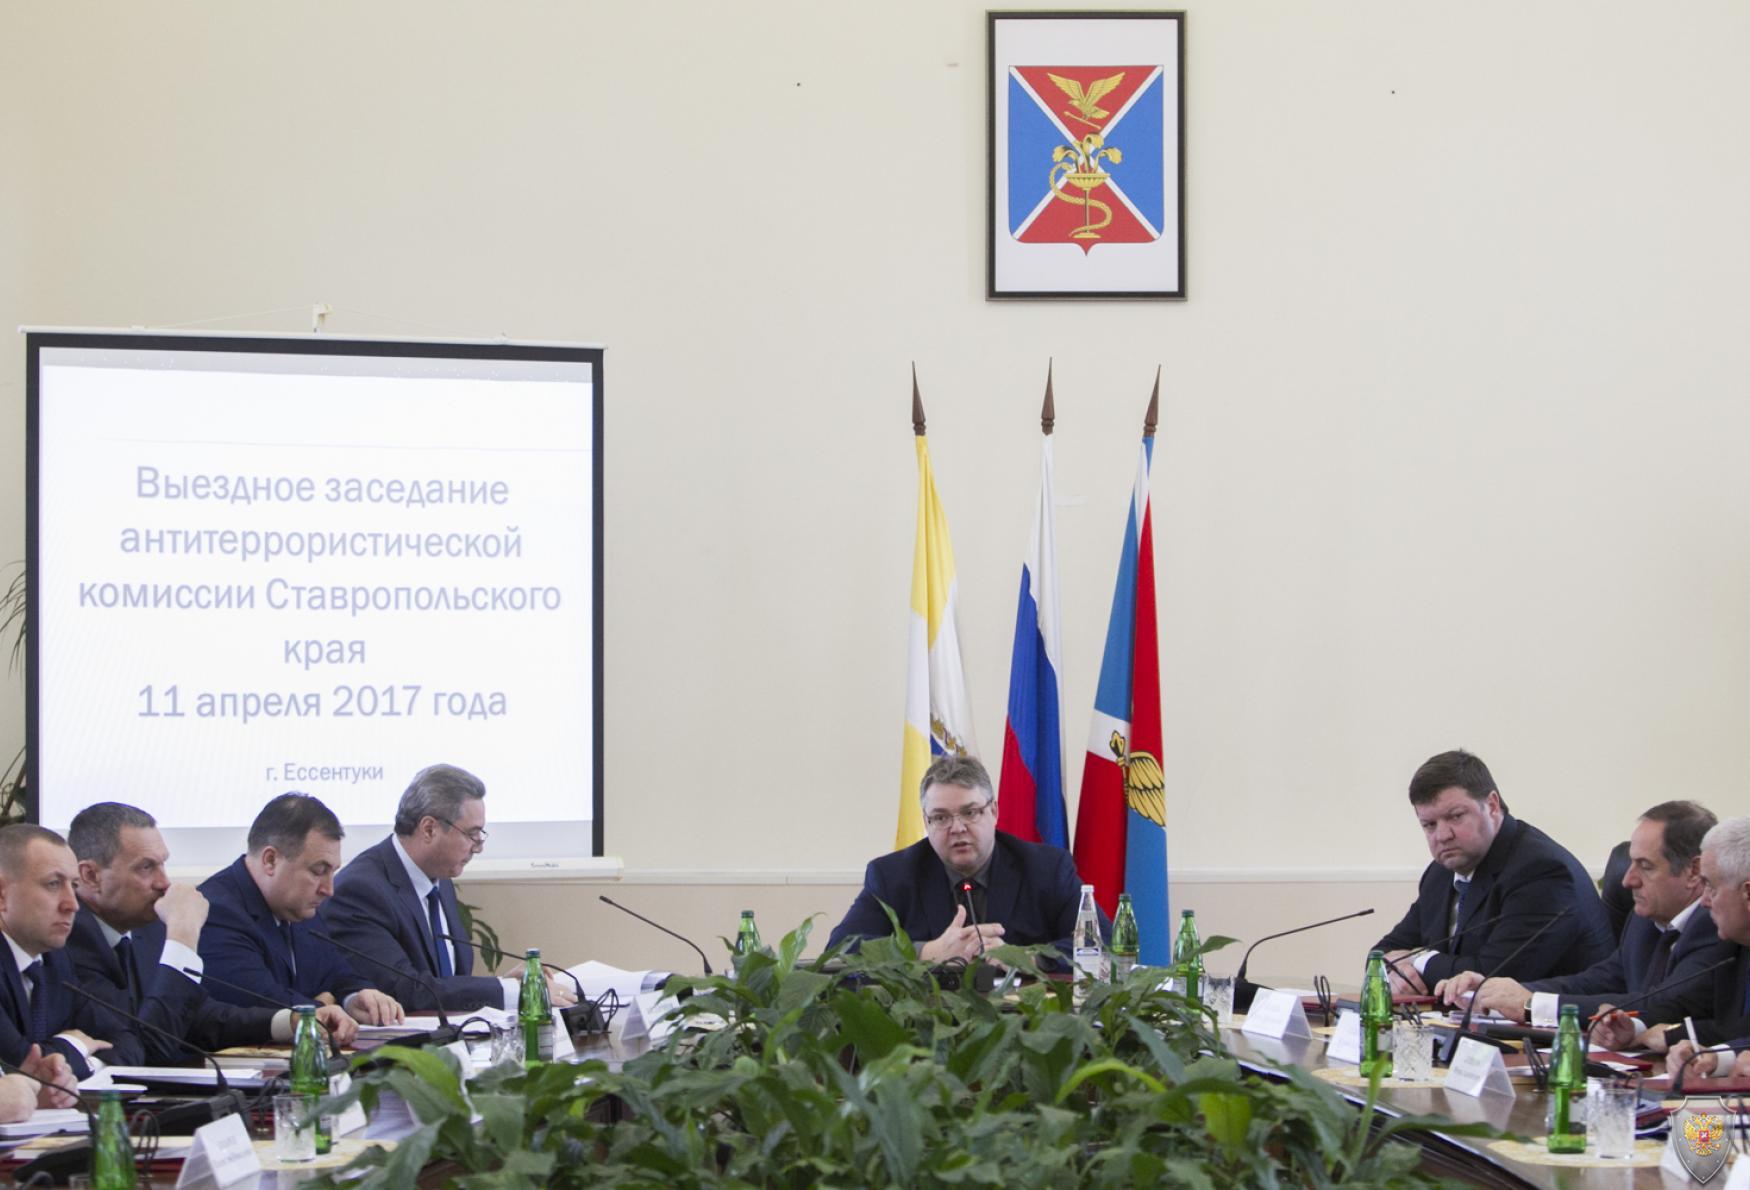 Обсуждение проекта протокола антитеррористической комиссии Ставропольского края